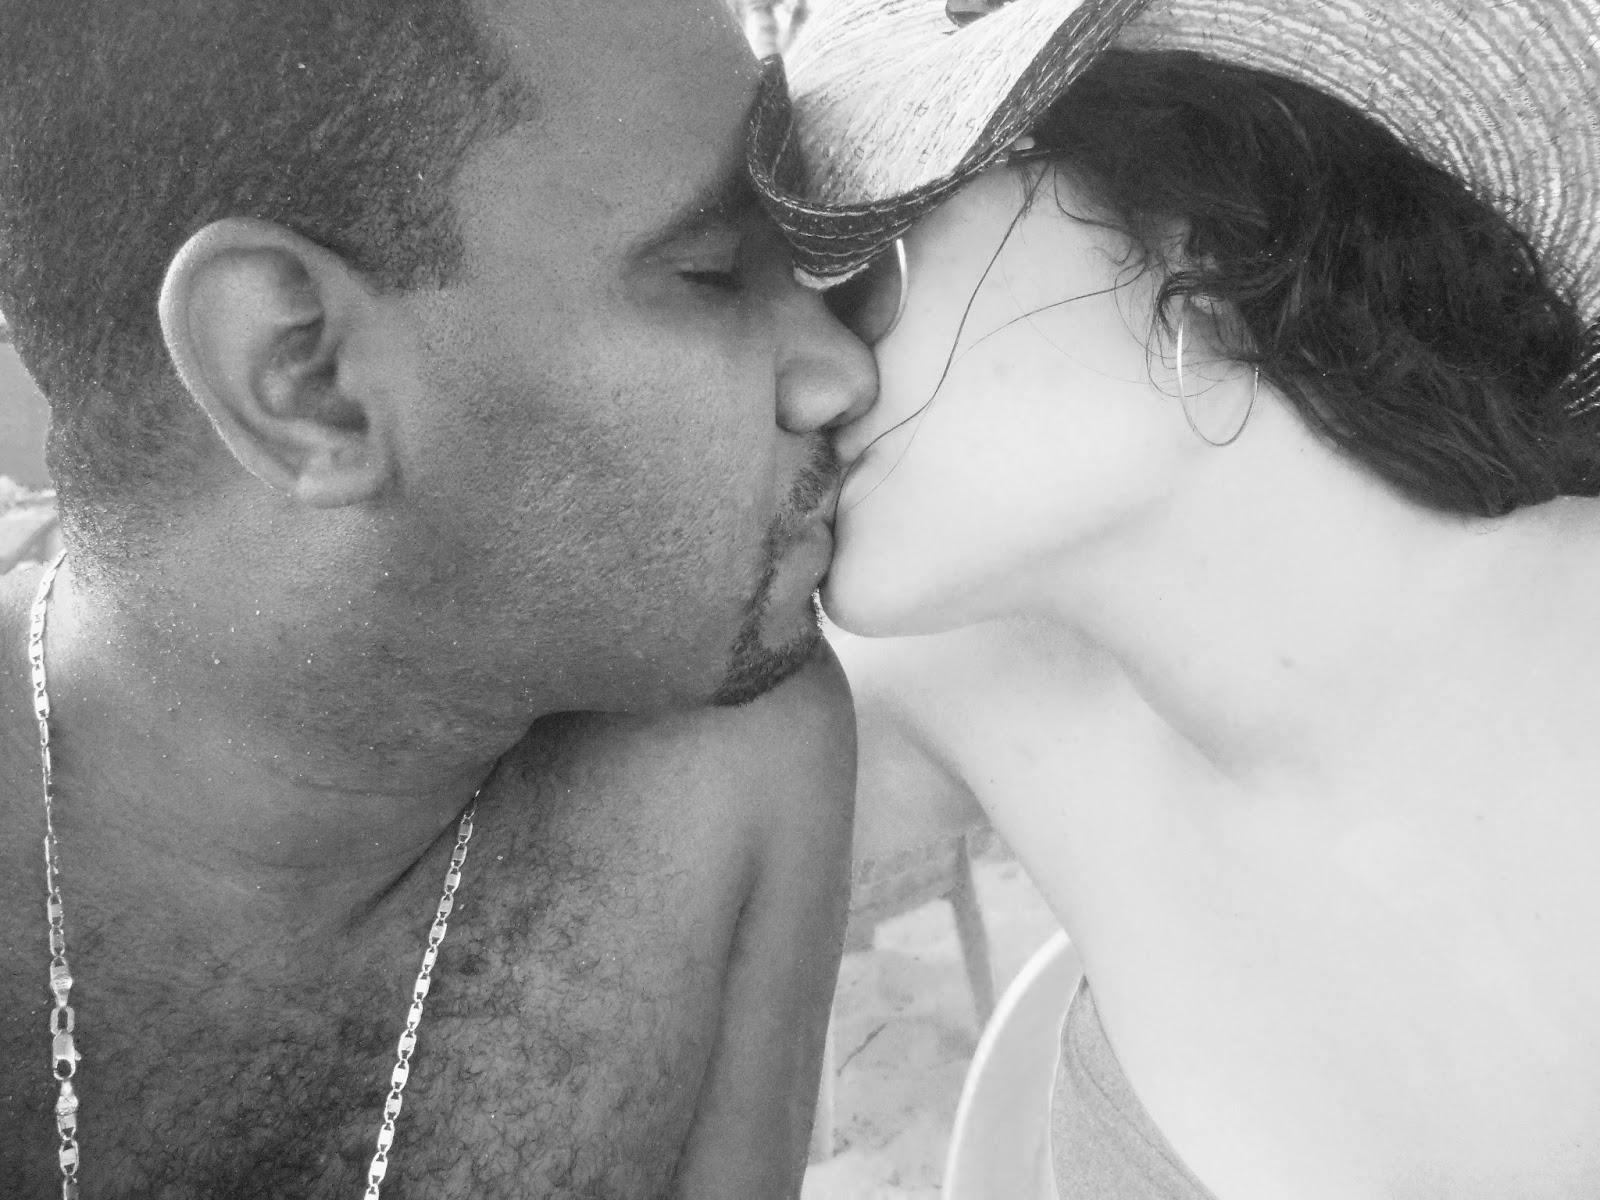 Mario Pegada Sex De Boa Mulheres Pica 23 Cm Uma Para Wst De Carentes Grosso